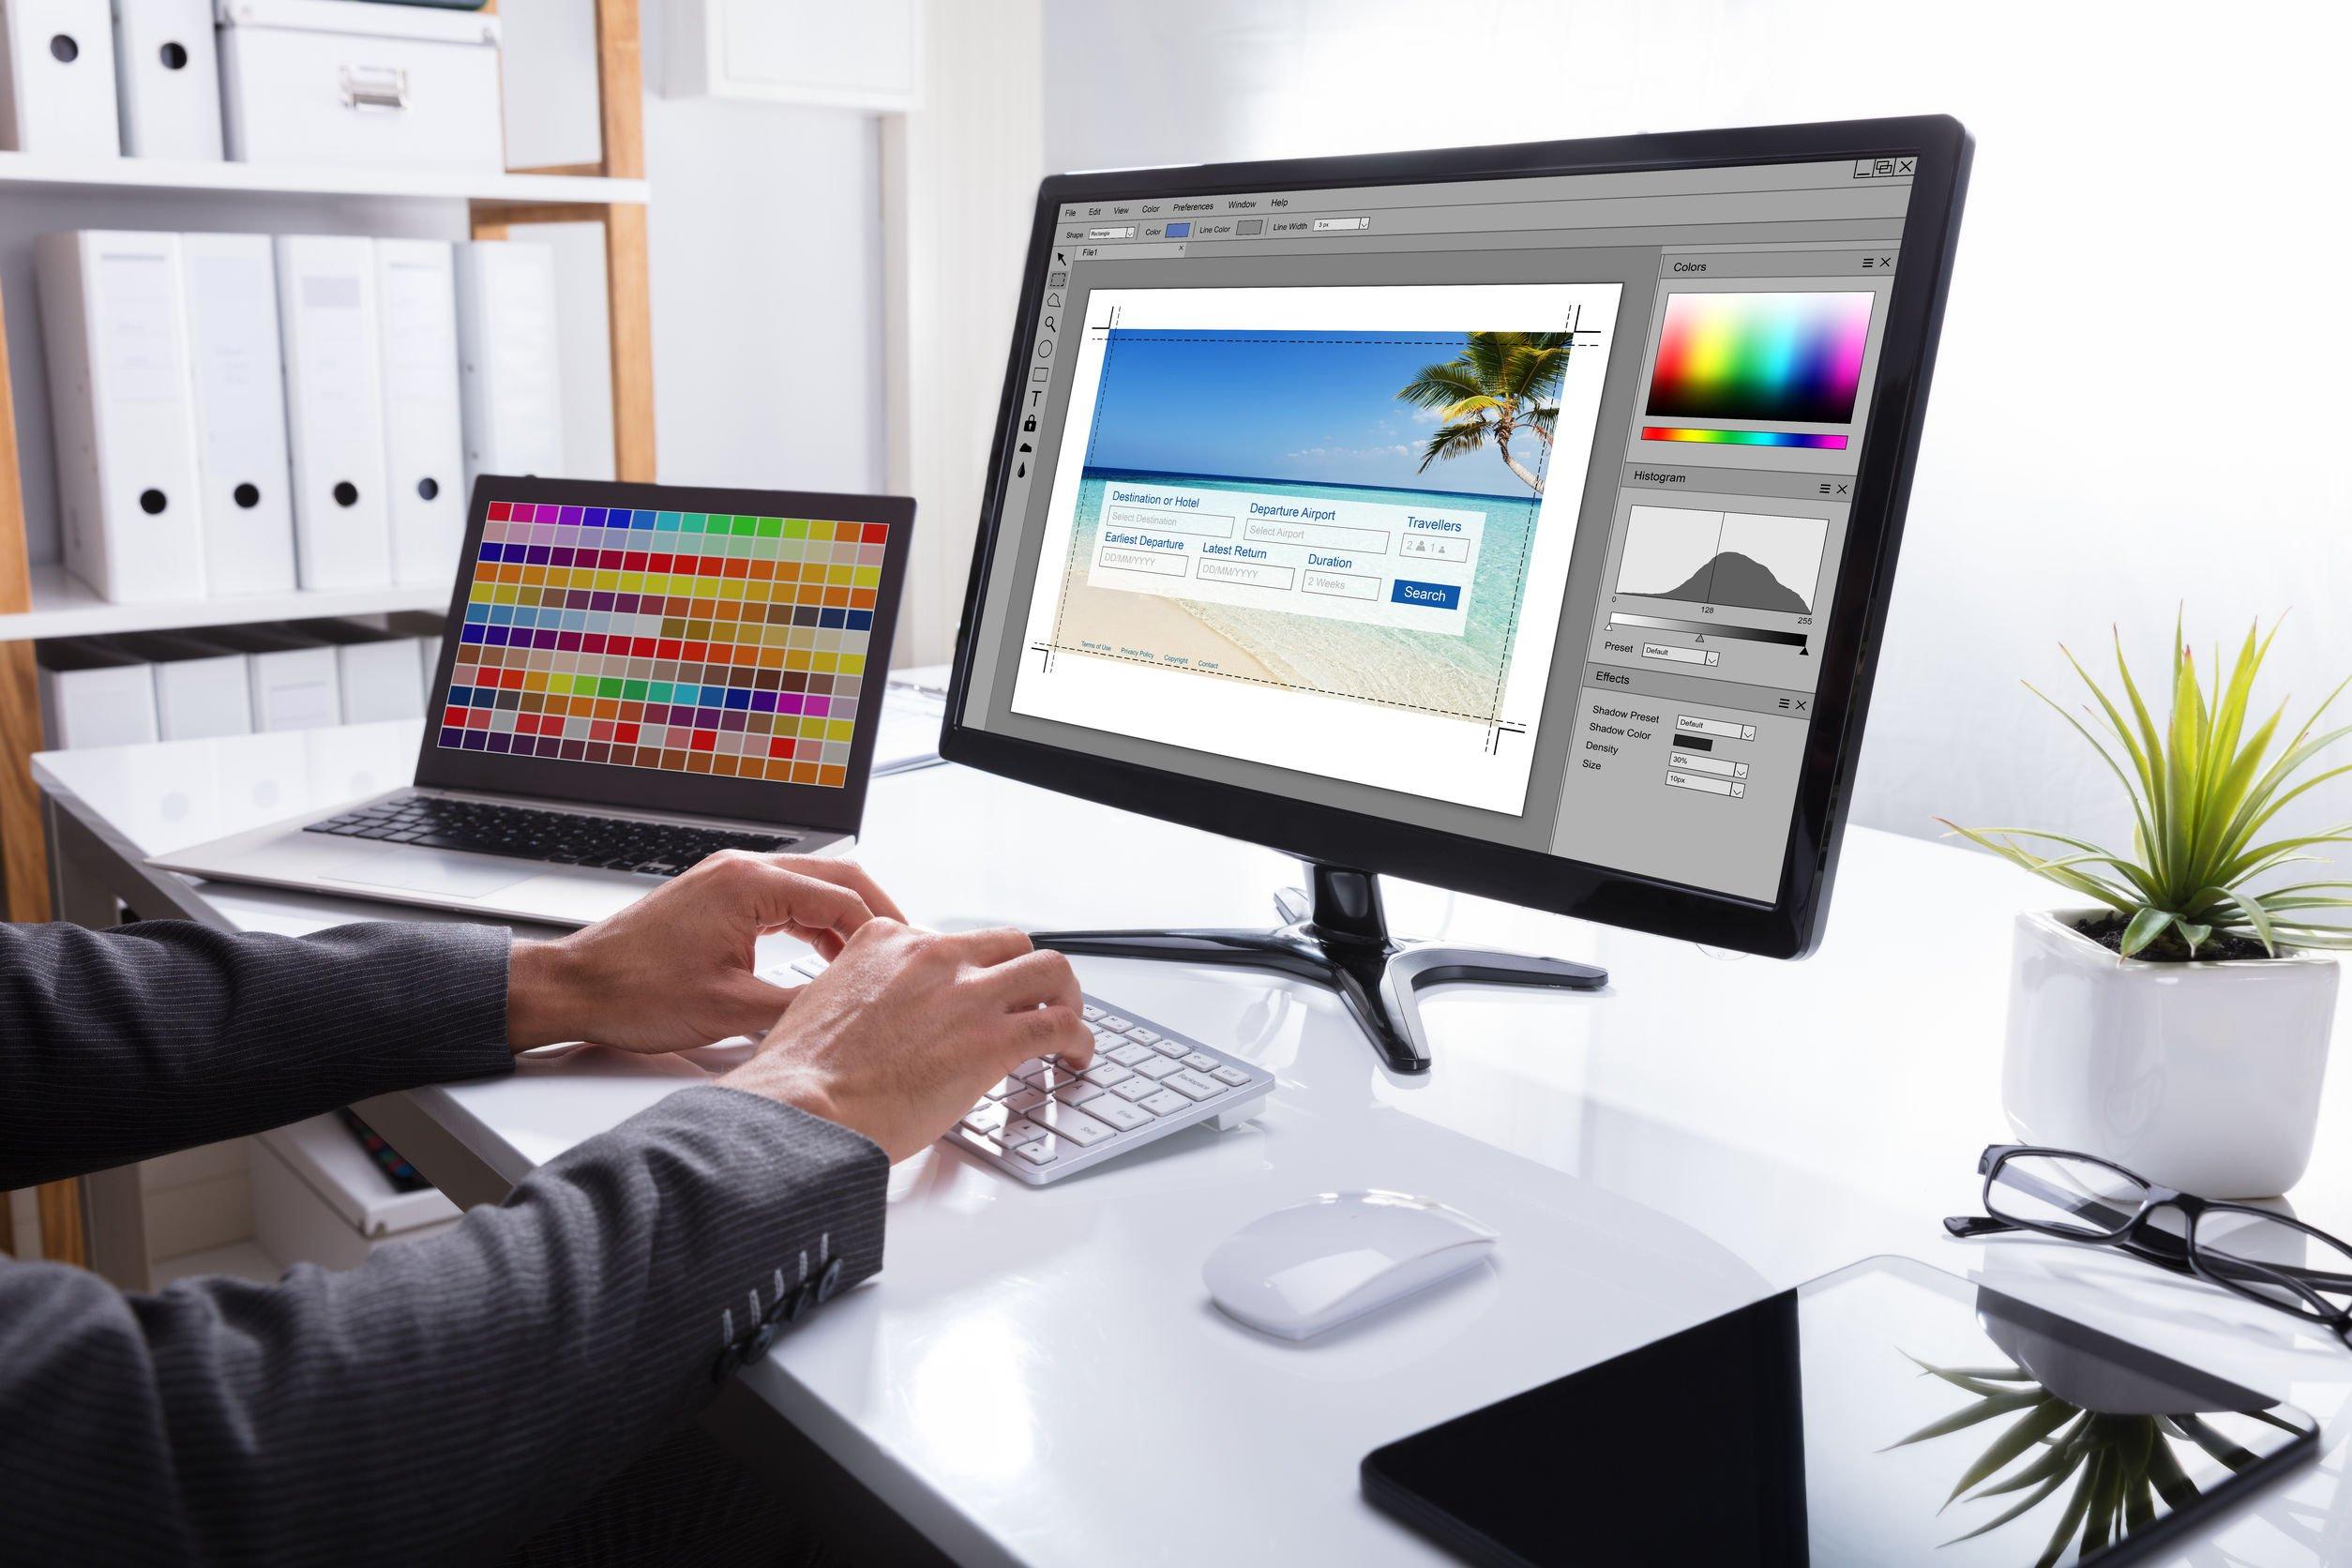 Homem sentado mexendo em software de edição de imagem em computador